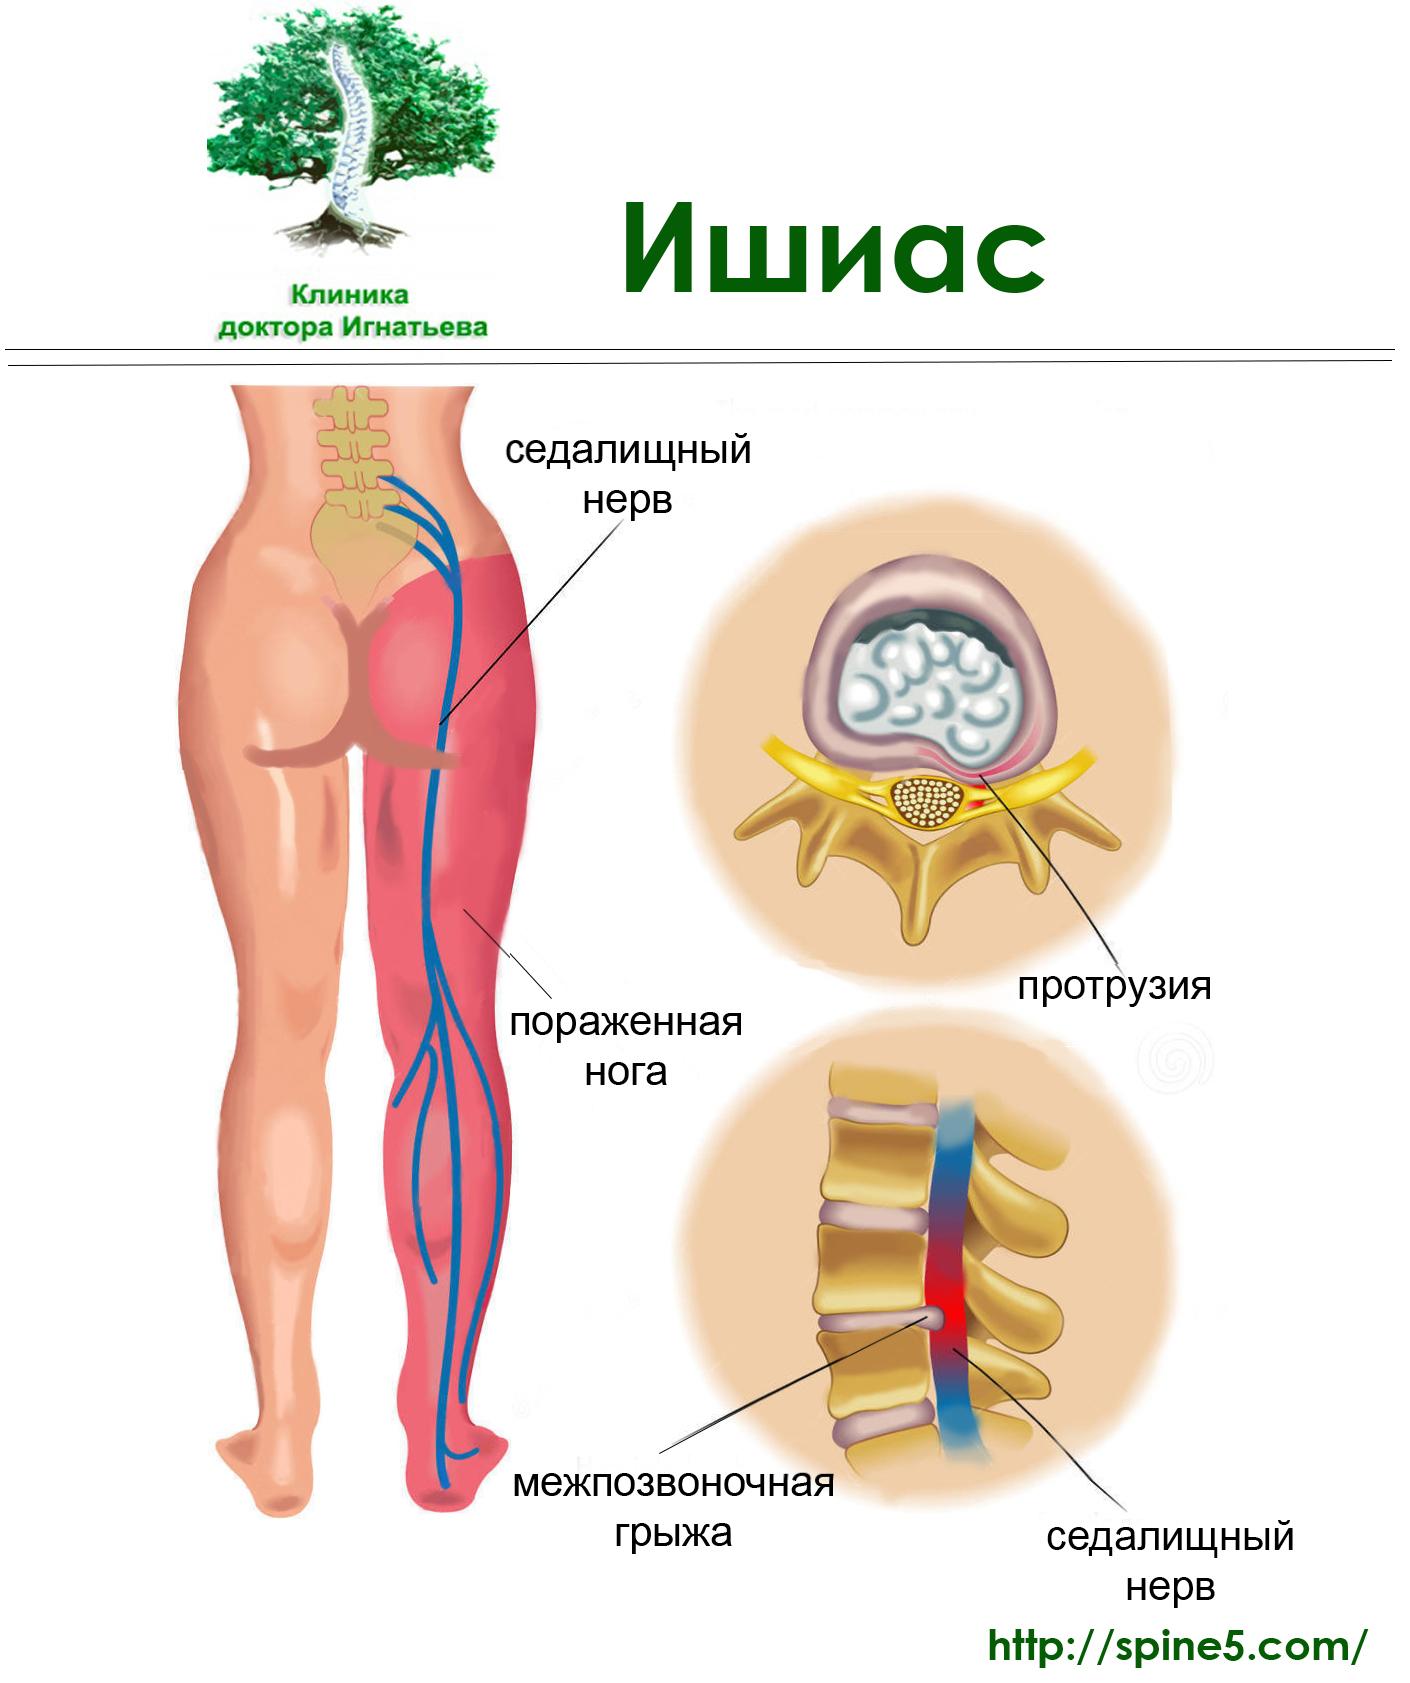 Защемление нерва в спине: лечение в домашних условиях 42